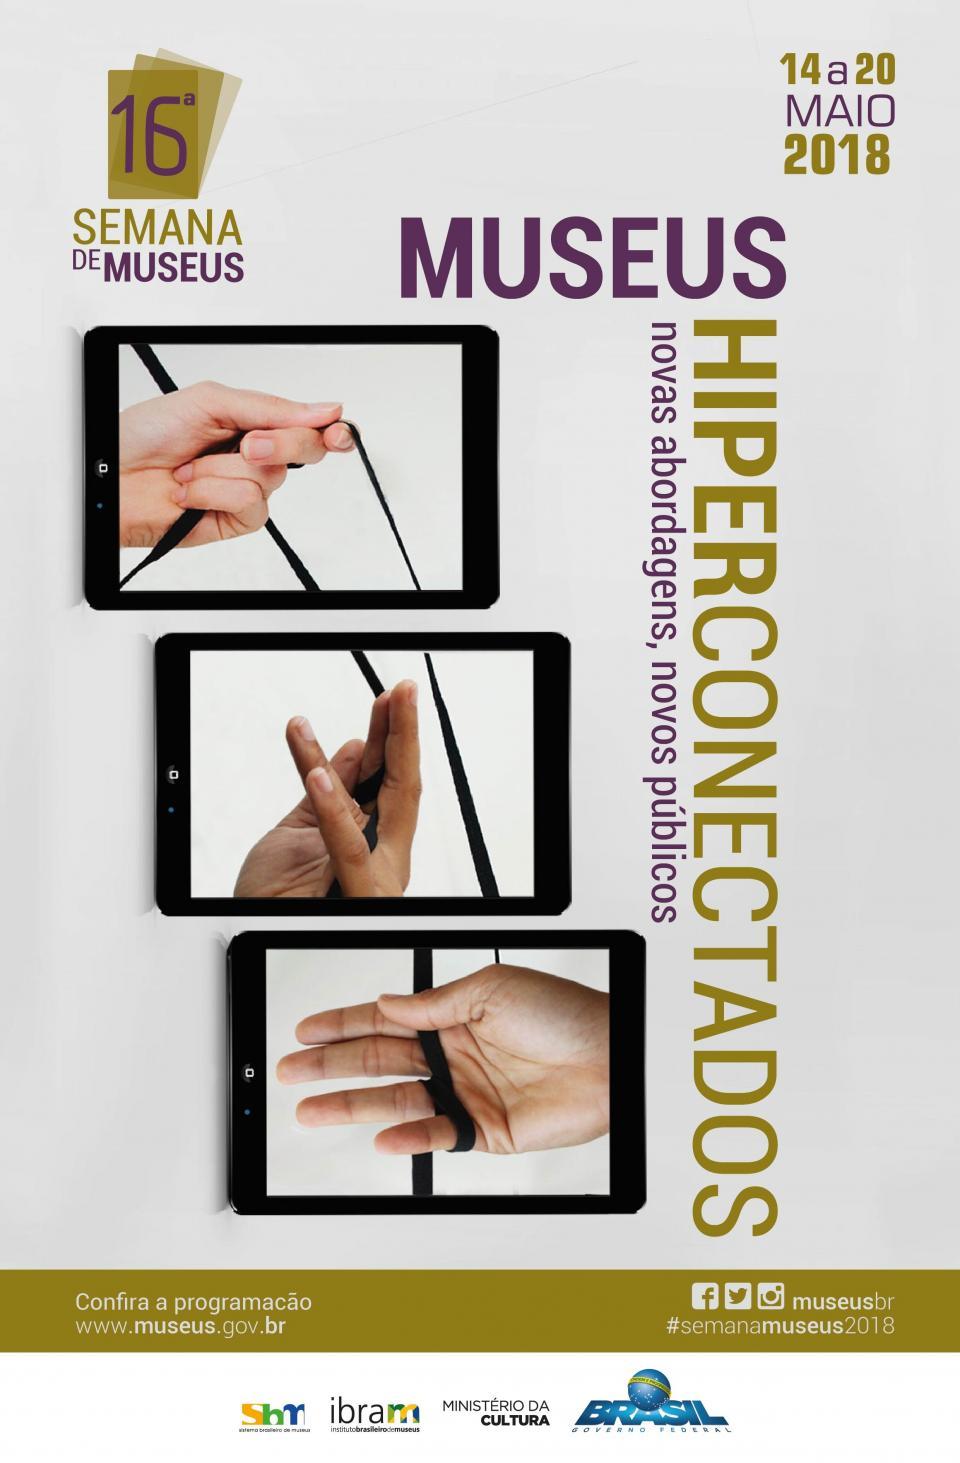 MUSEU TERÁ DIVERSAS ATIVIDADES PARA COMEMORAR A 16ª SEMANA NACIONAL DE MUSEUS